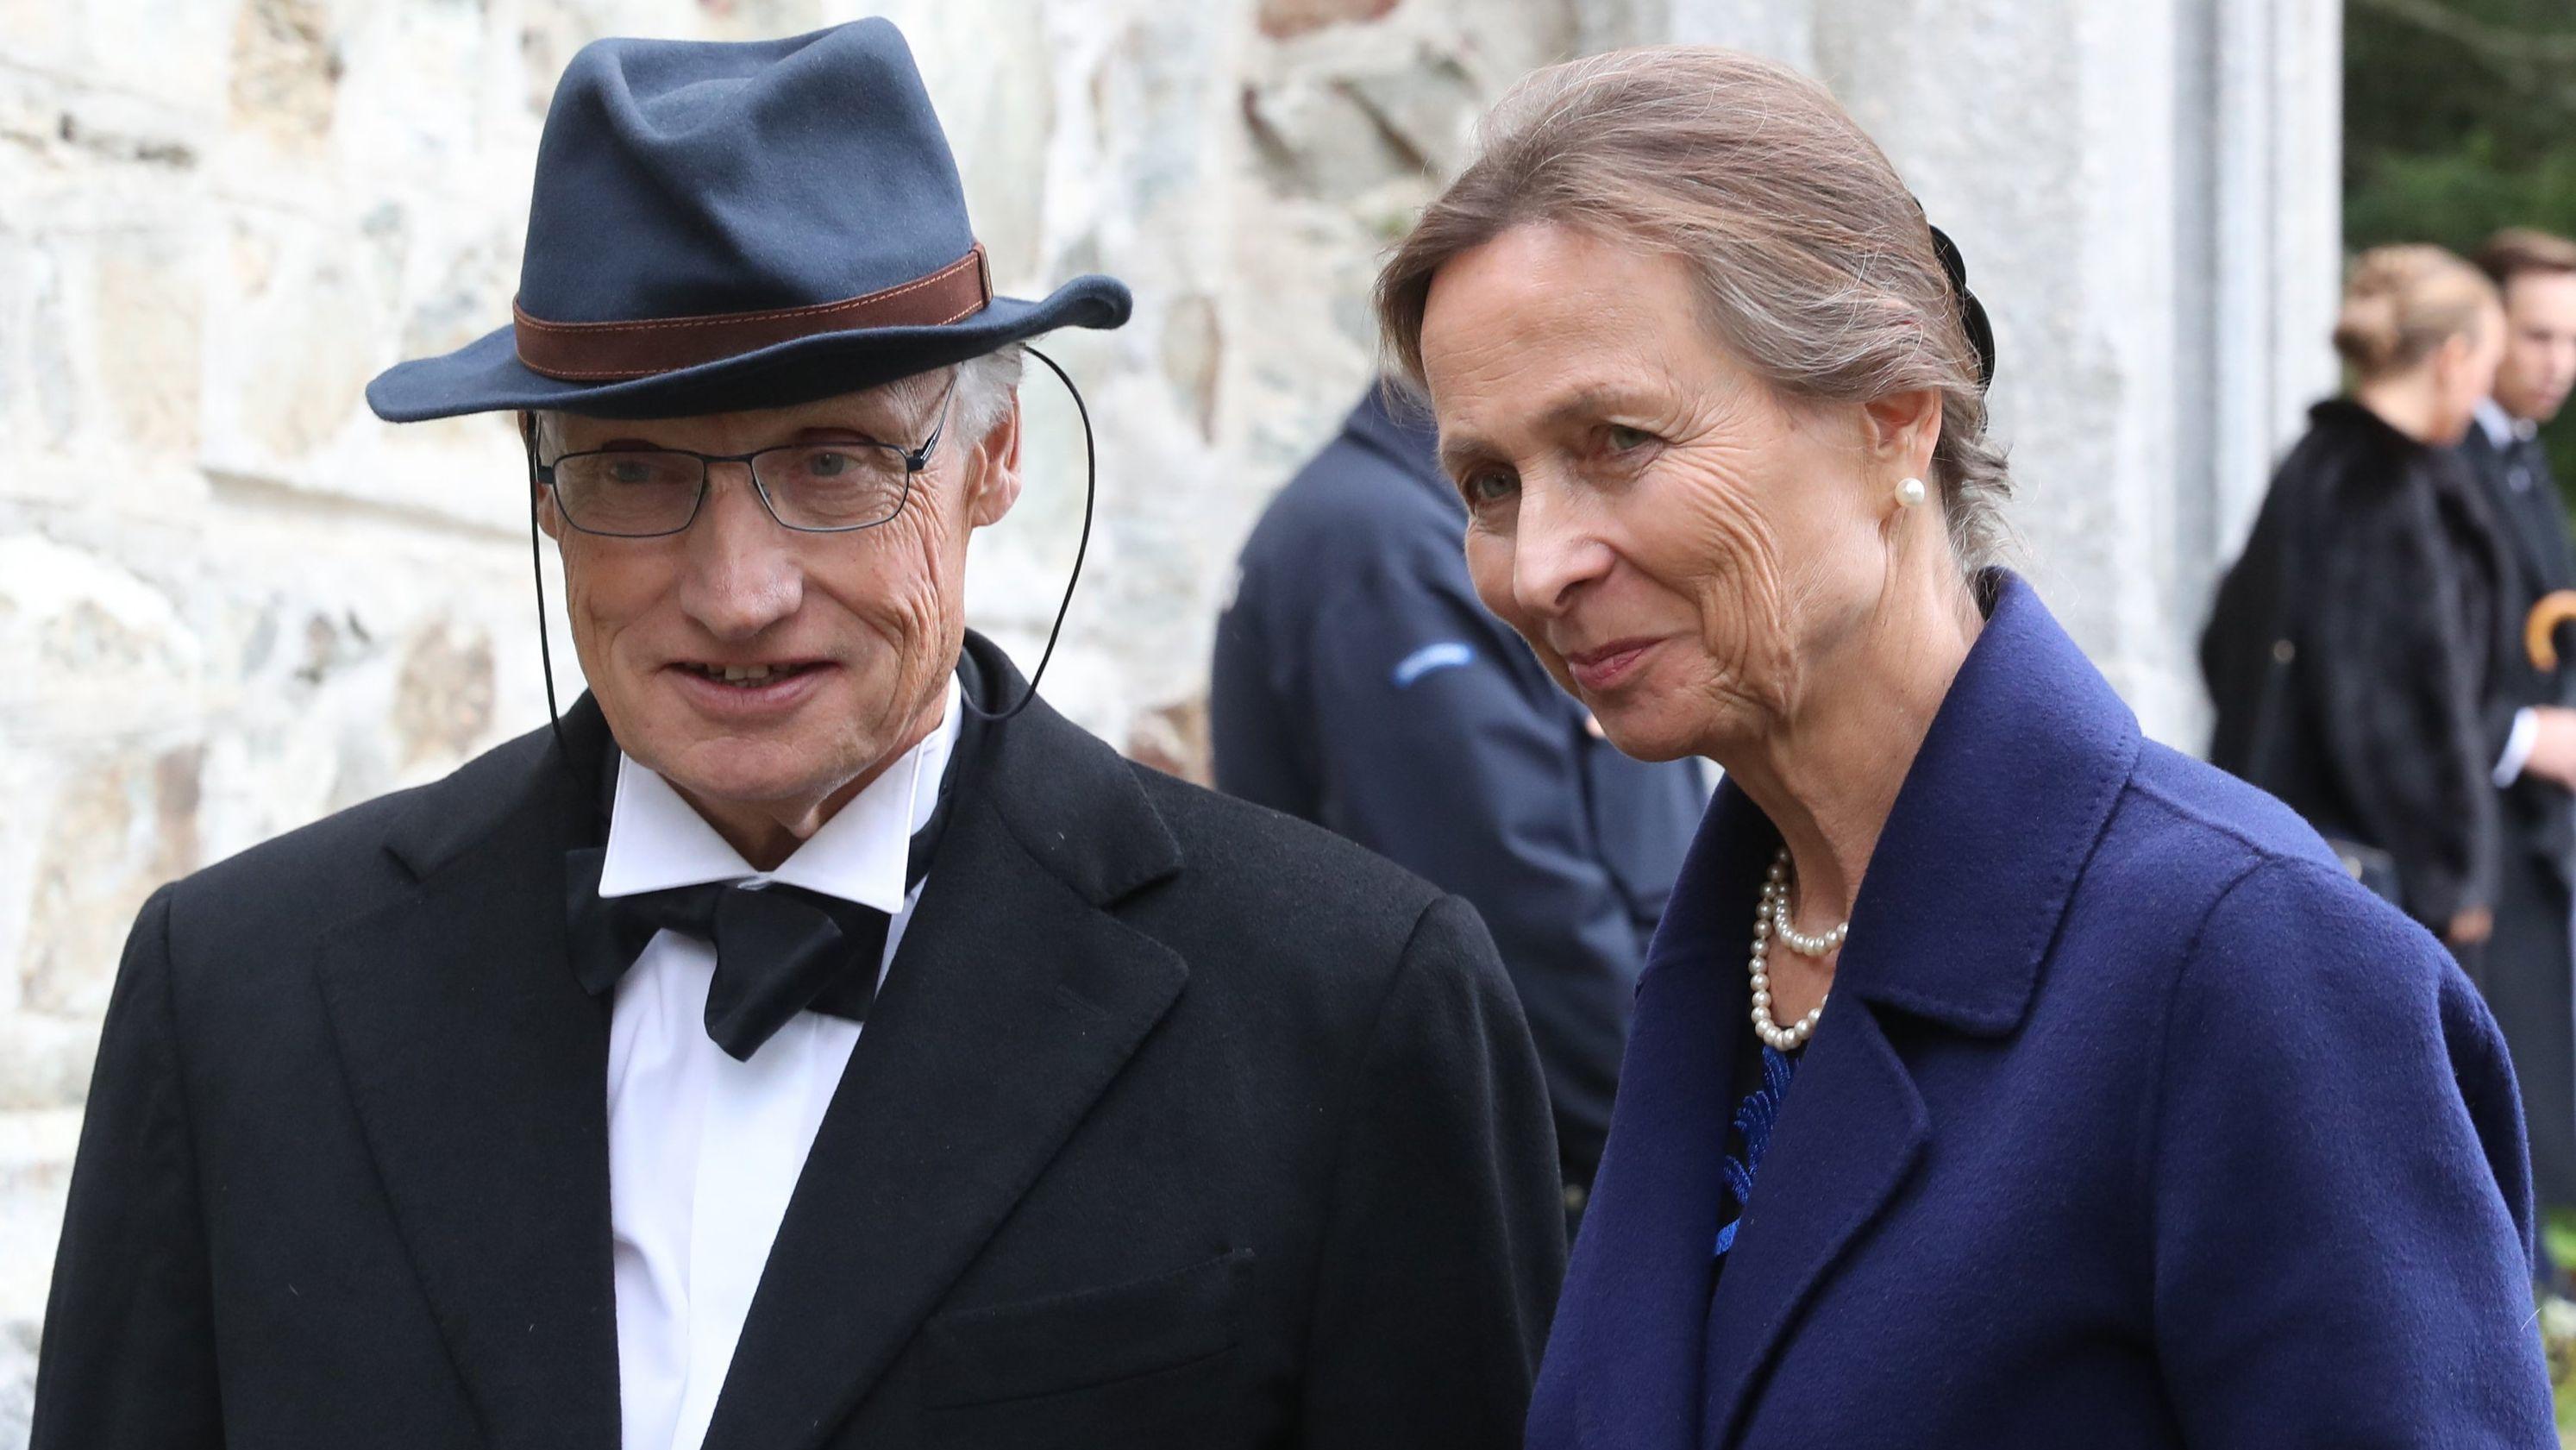 Luitpold Prinz von Bayern und seine Frau Beatrix kommen zur Hochzeit von Konstantin von Bayern und Deniz Kaya in St. Moritz (Archivbild)